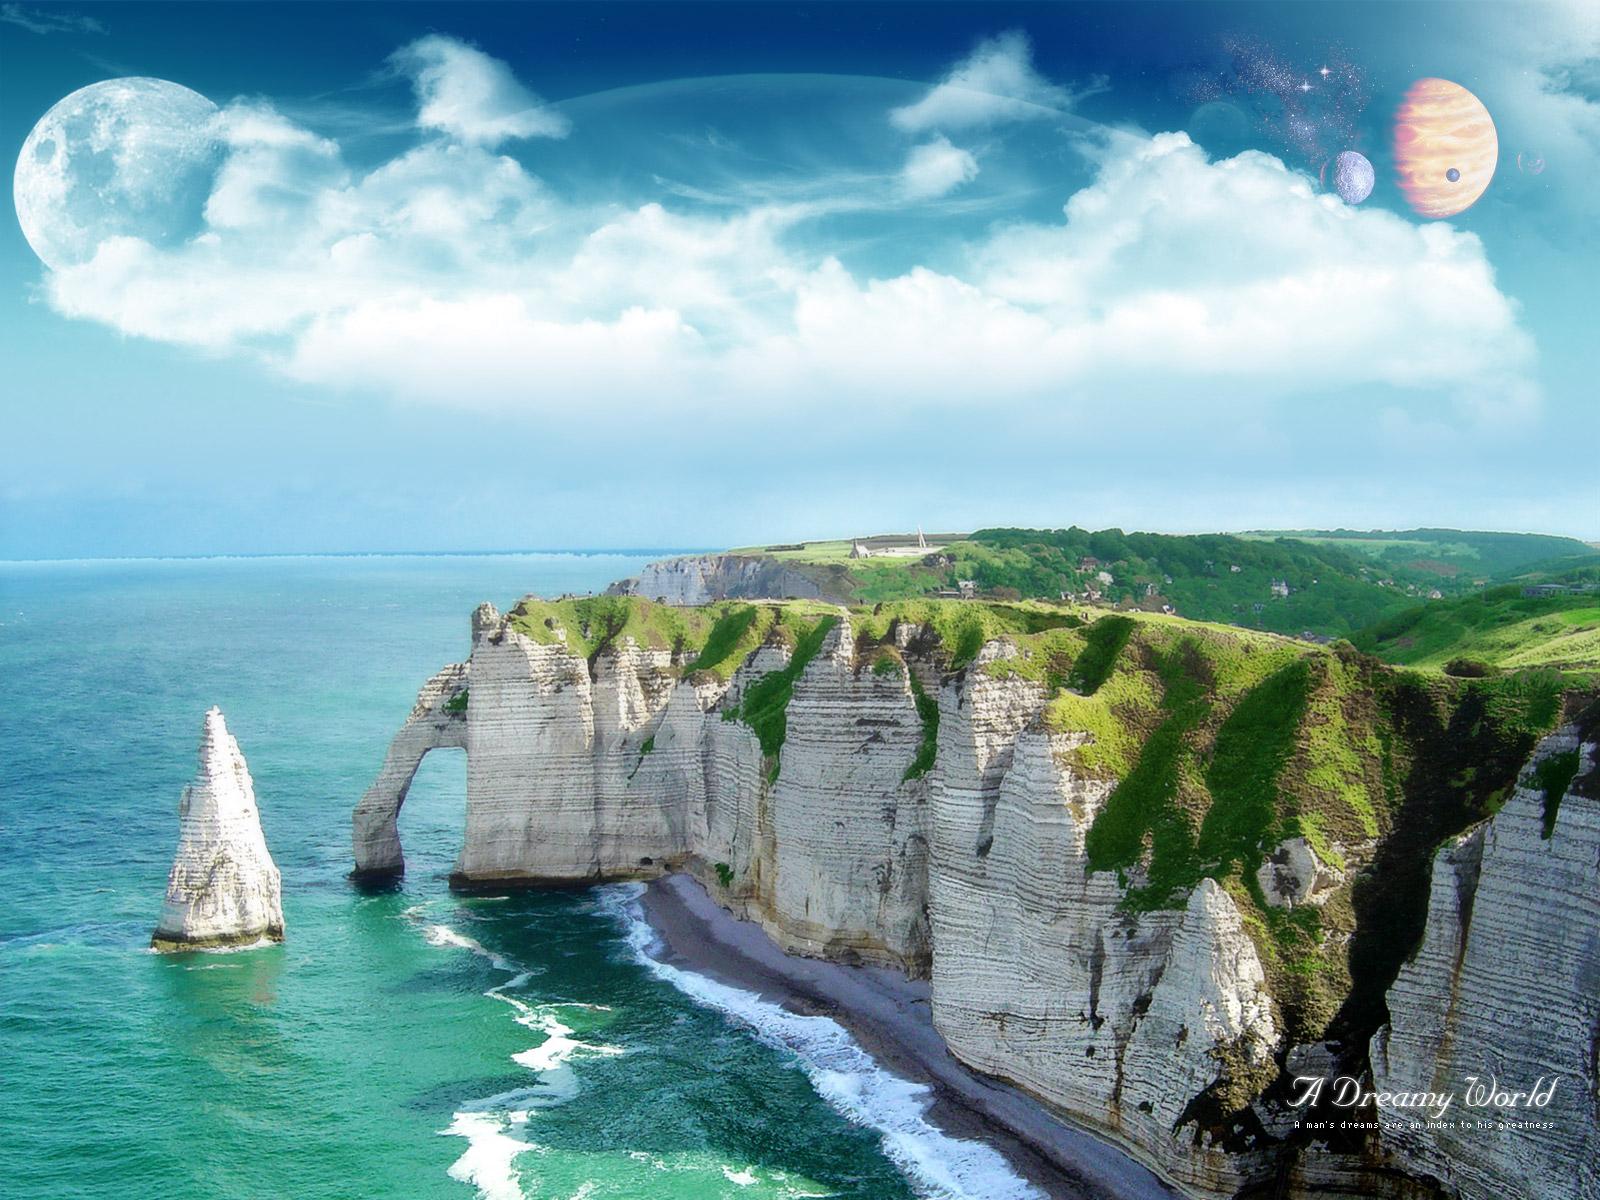 A Dreamy World 40th106 - *`~`* Pics *`~`*